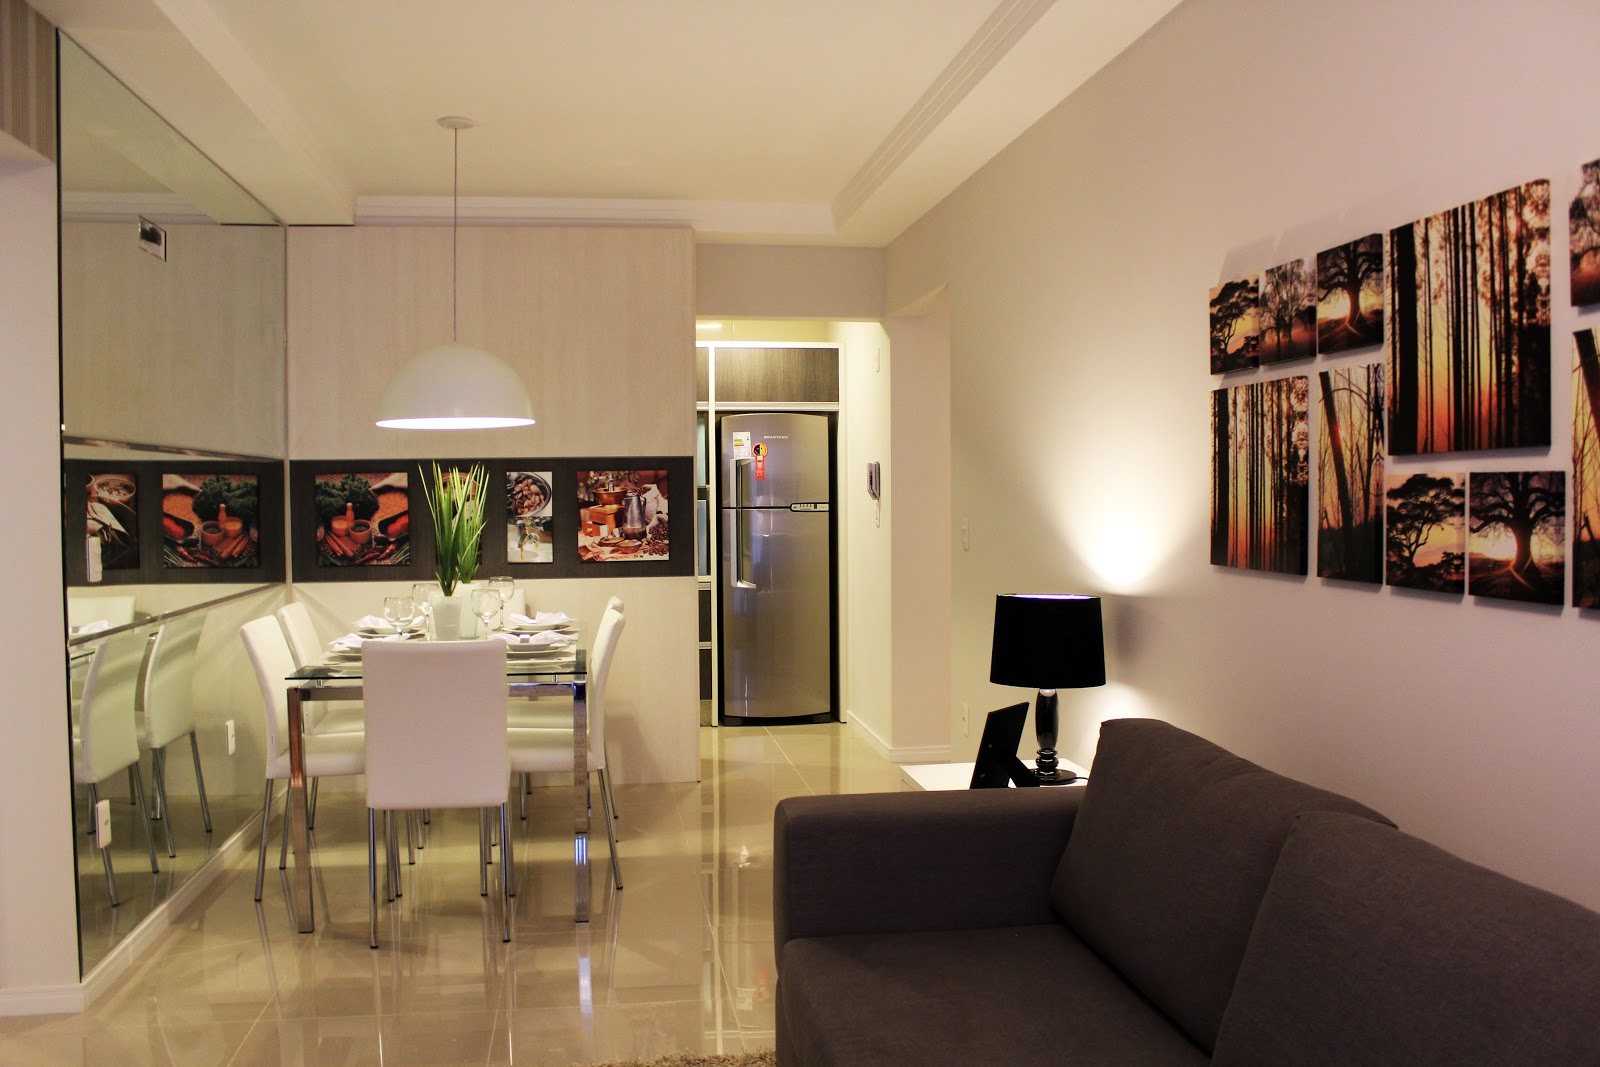 Sala De Jantar Apartamento ~ tendencia de plantas de apartamento quase que padronizou vamos dar uma